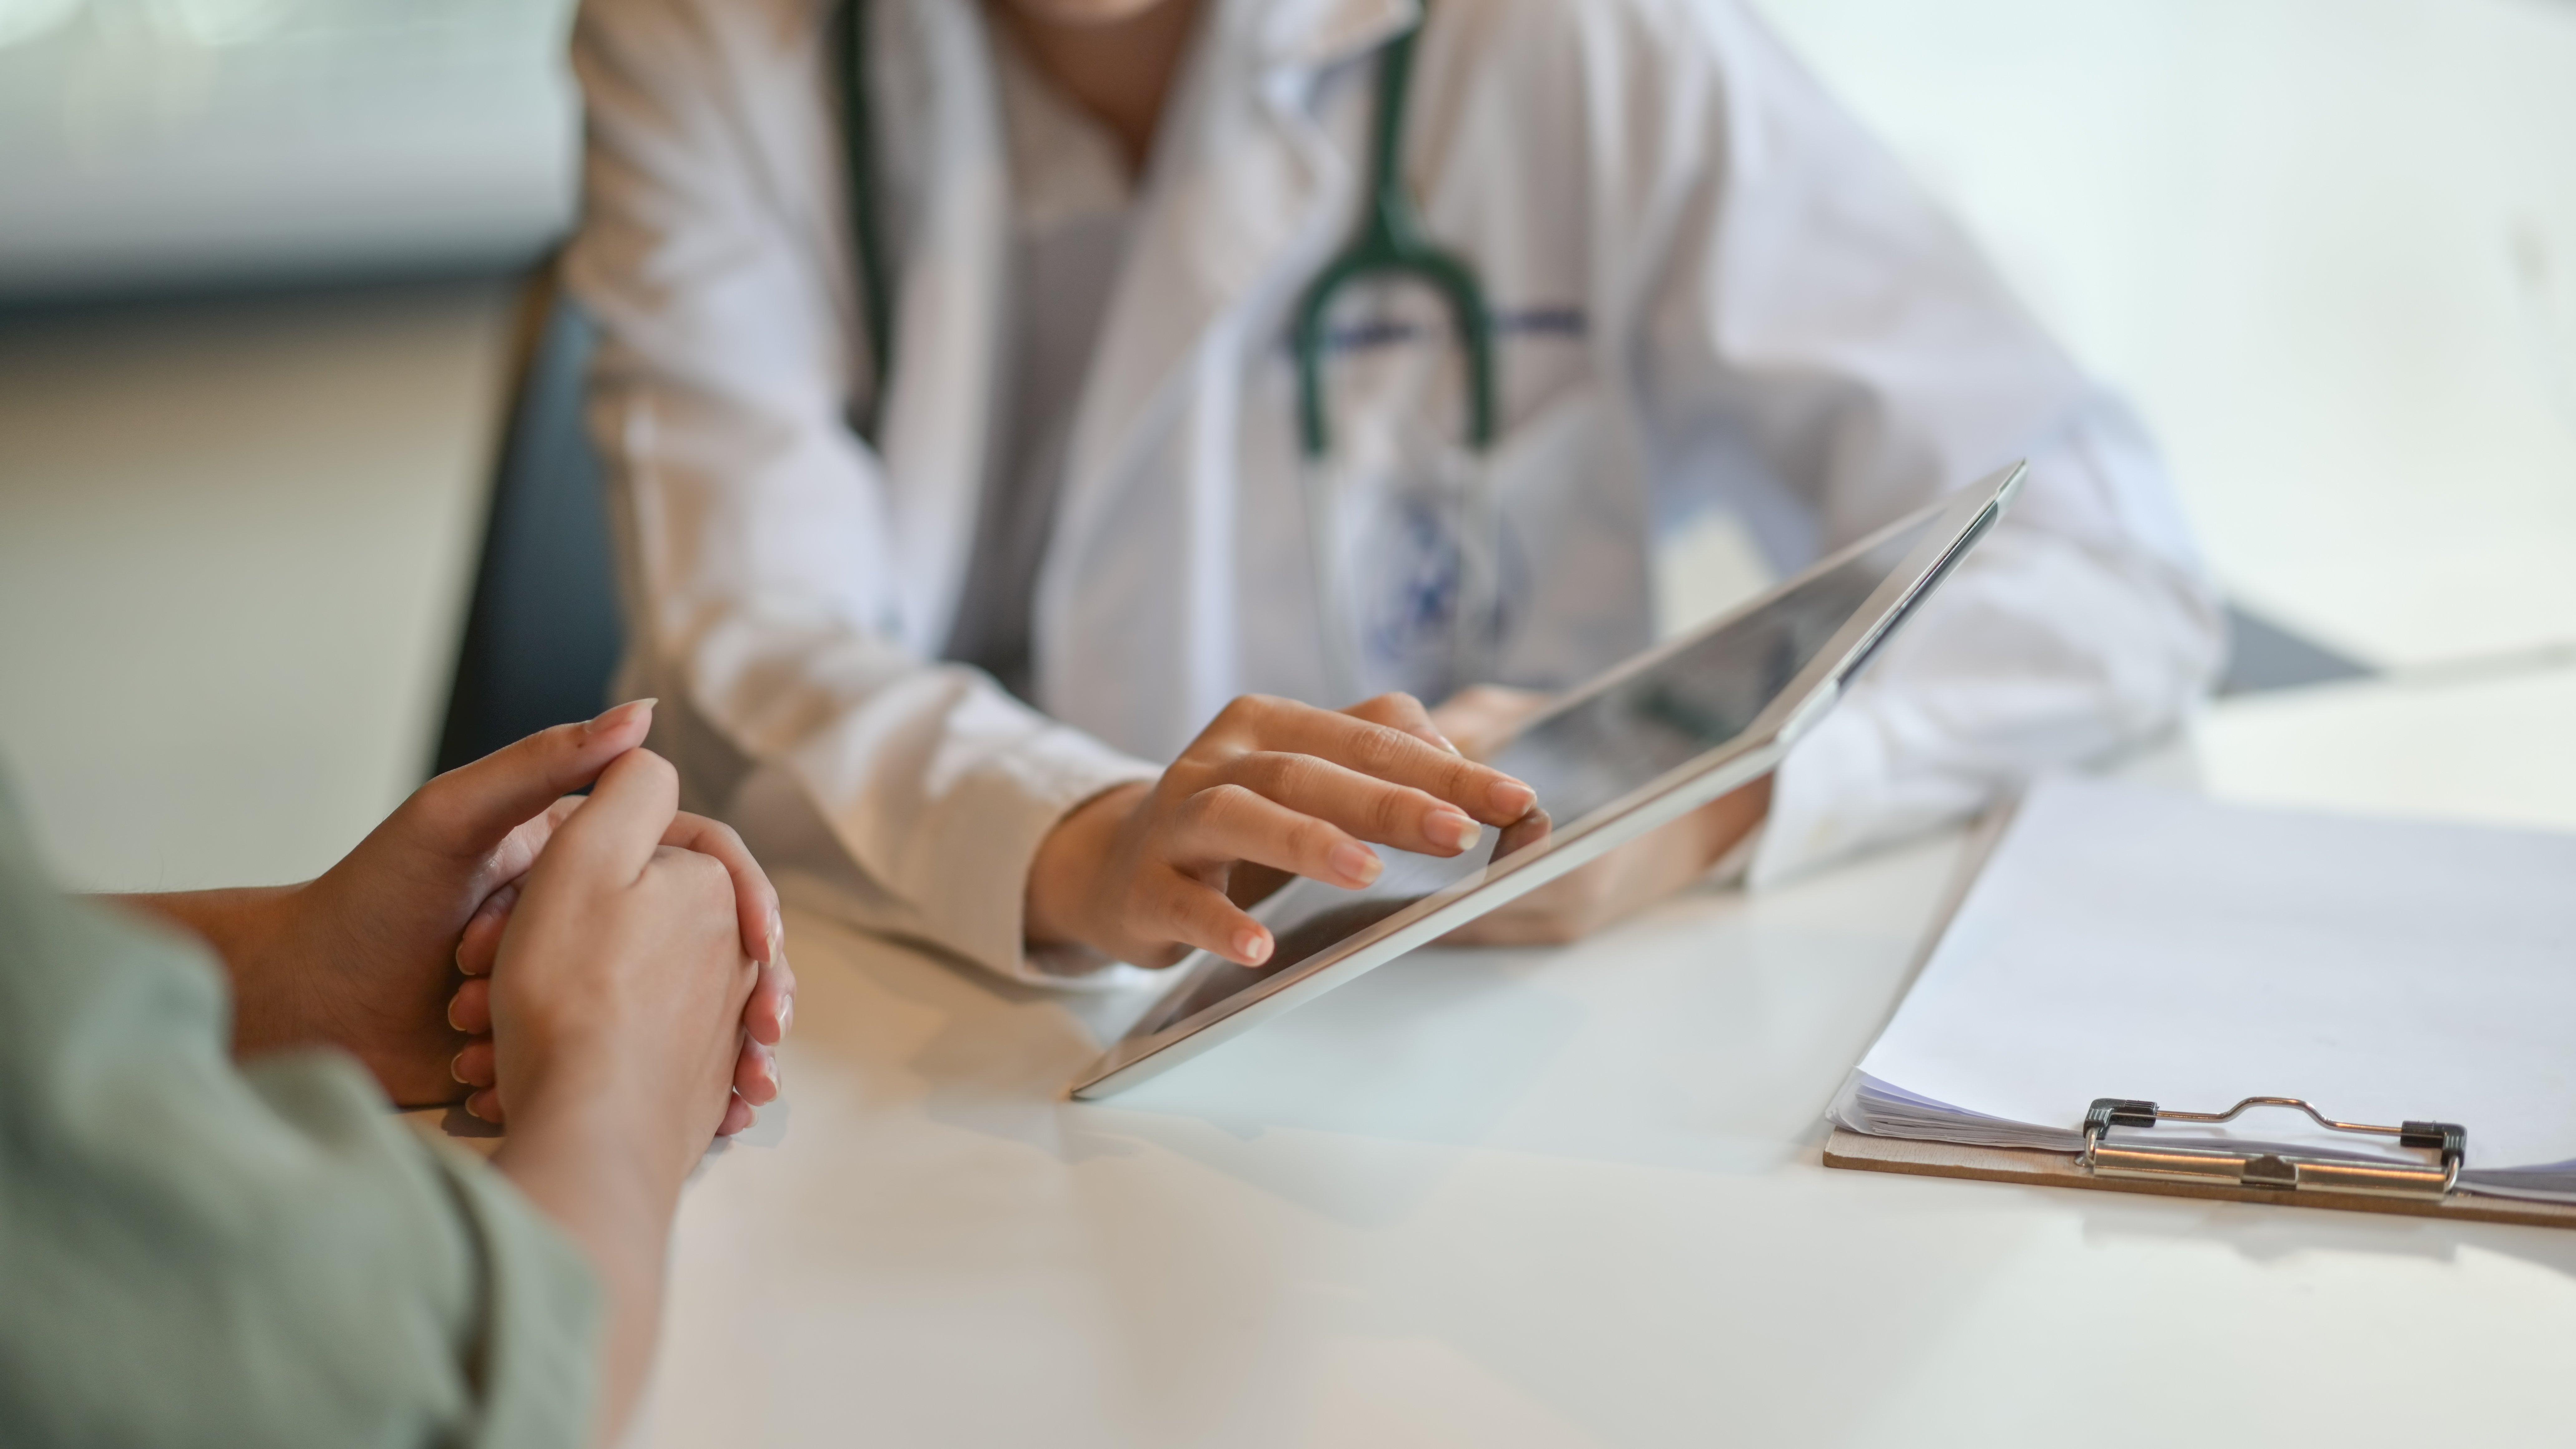 Regenera y la PNI clínica, o cómo expandir su negocio con éxito